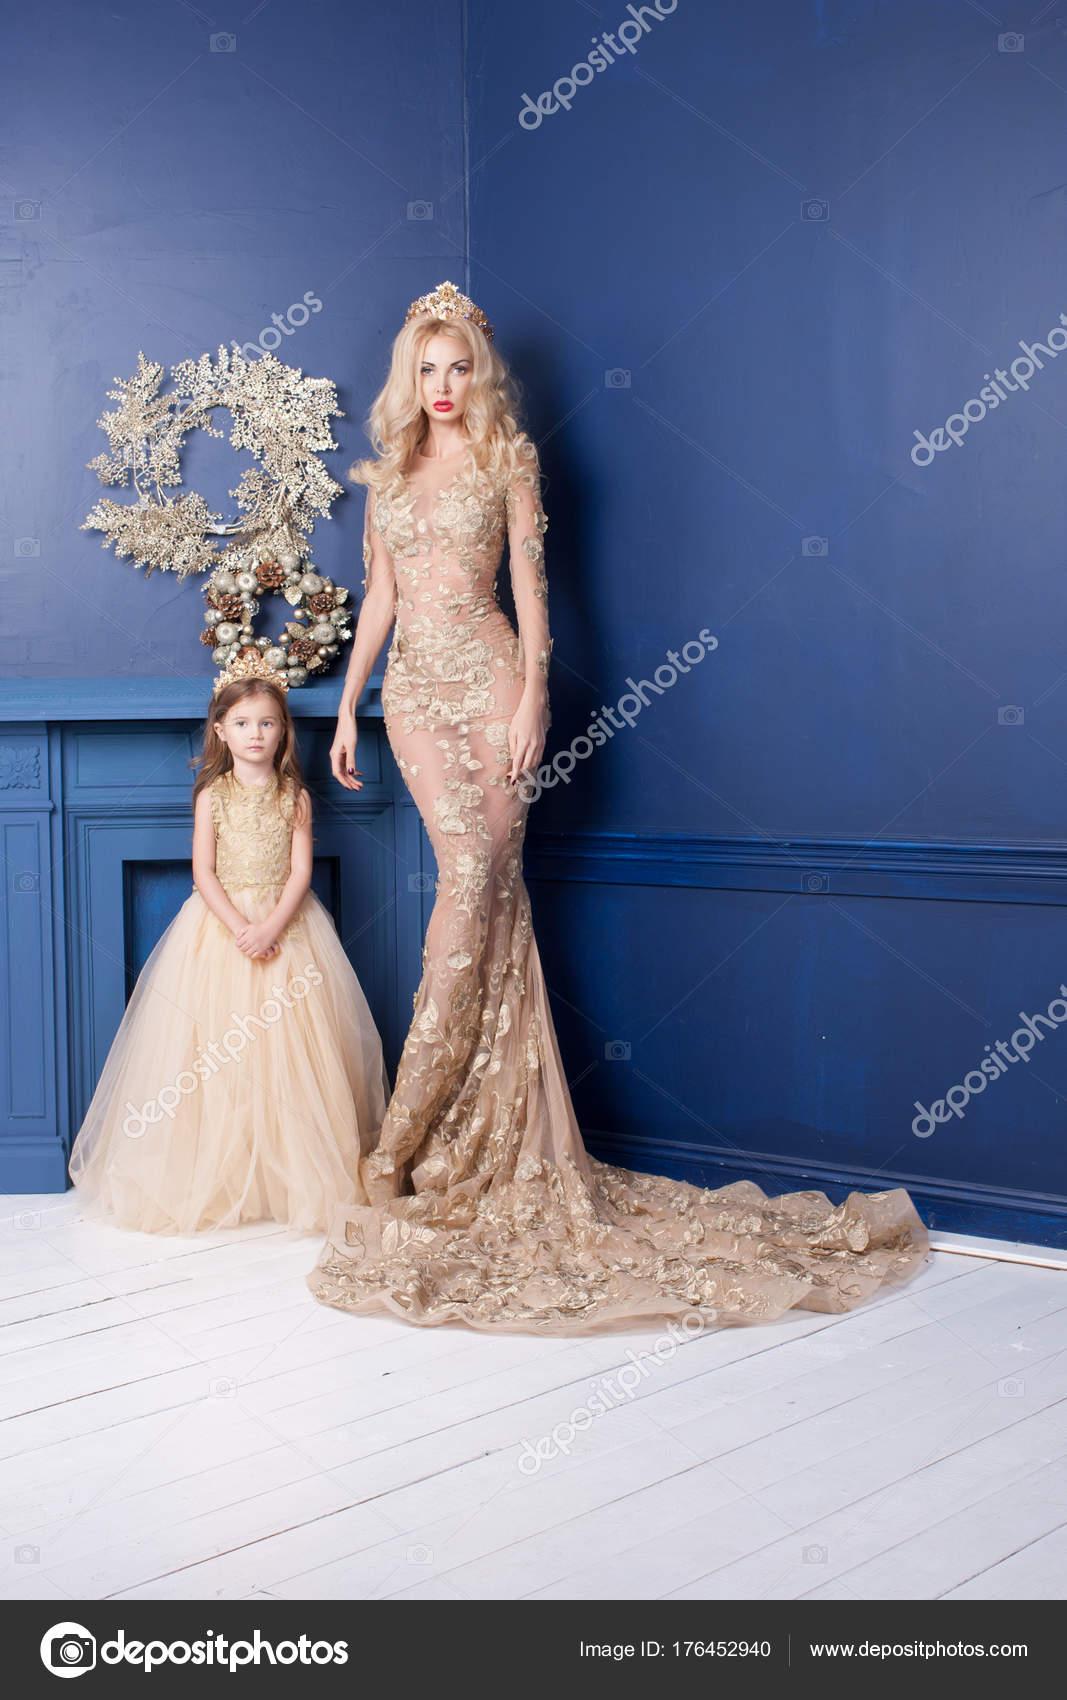 e84c1bcb91b1 Studio shot ομορφιά ξανθιά γυναίκα με χαριτωμένη μικρή κόρη φορώντας  διακοπών χρυσό φορέματα. Ευτυχισμένη οικογένεια στέκεται στο διακοσμημένο  σπίτι ...